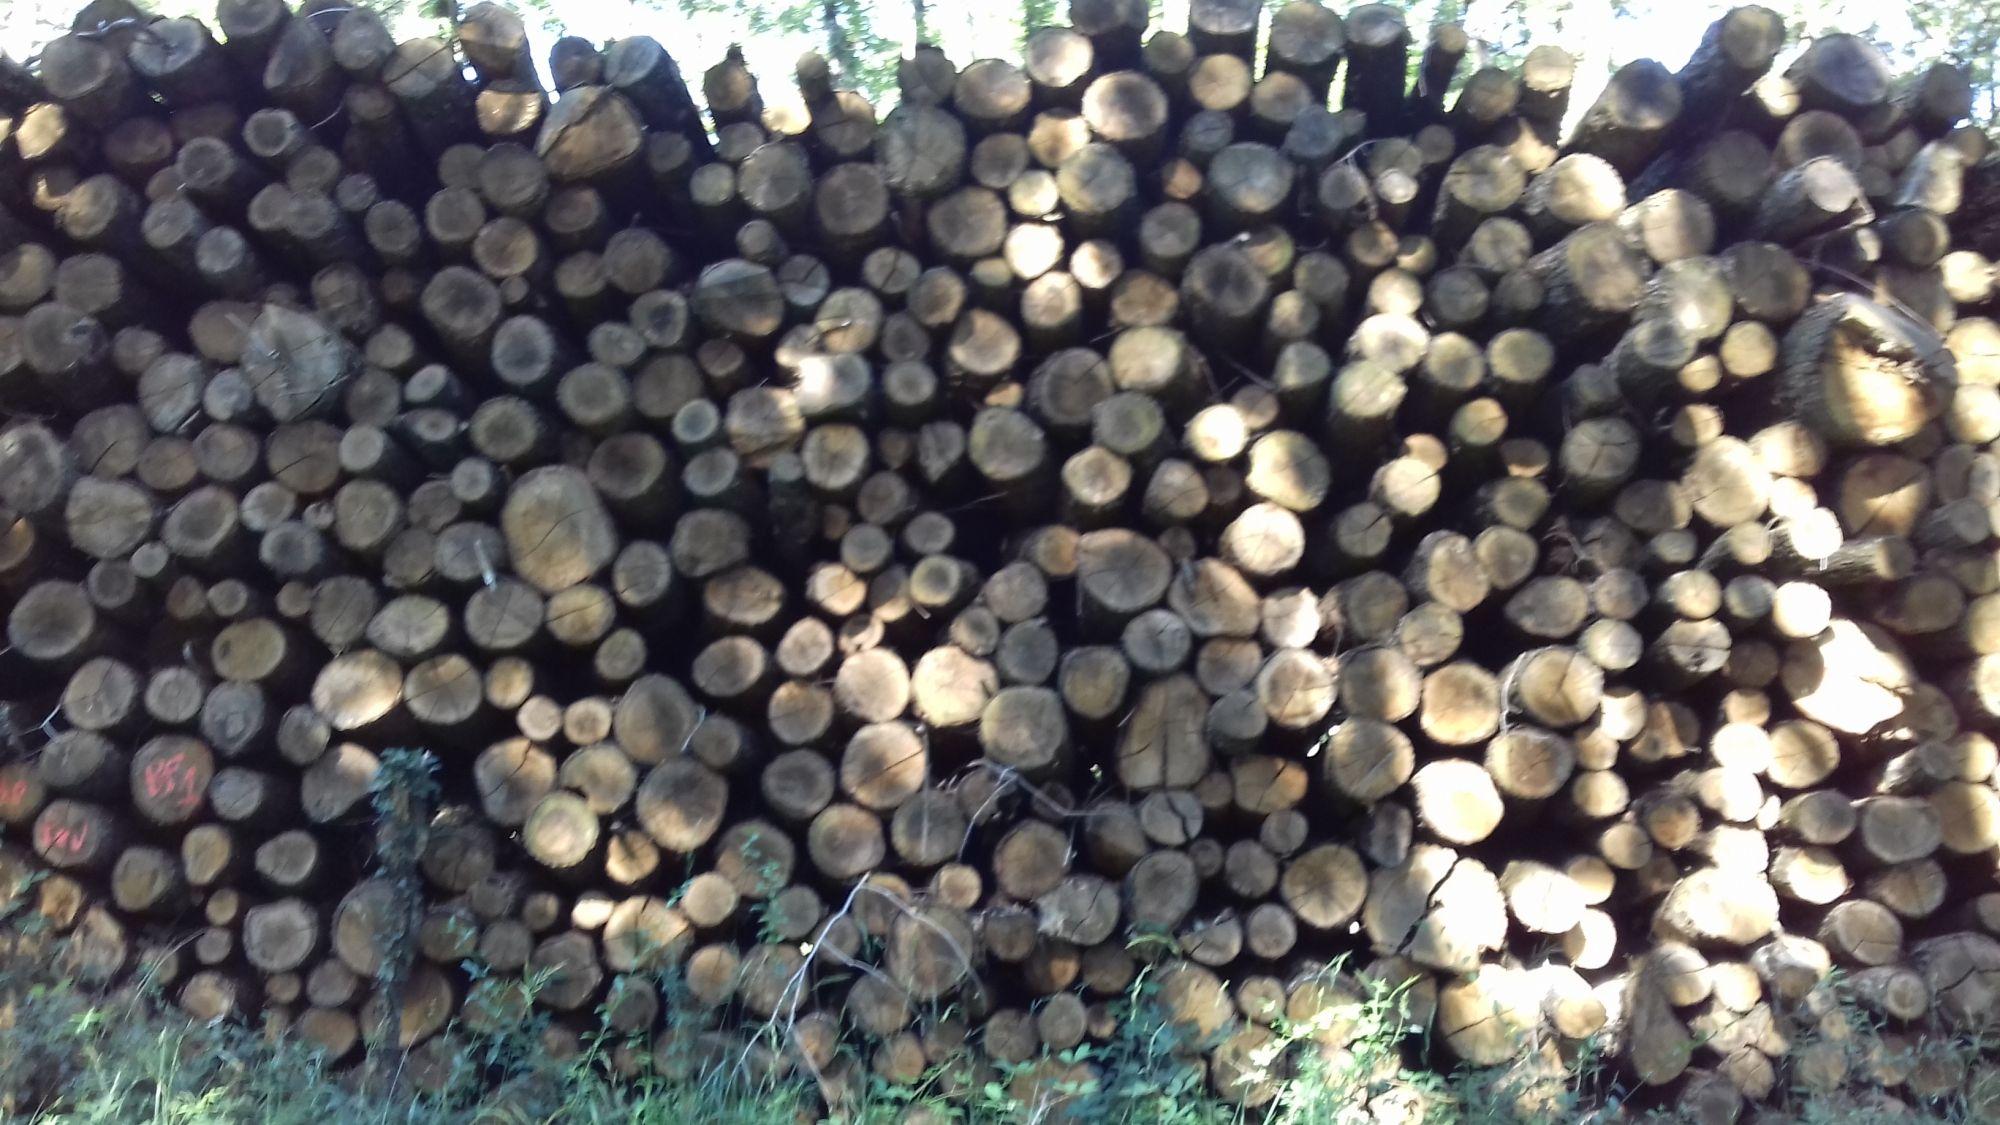 bois de chauffage 13site internet pour revendeur de combustible bois dans les Bouches-du-Rhône